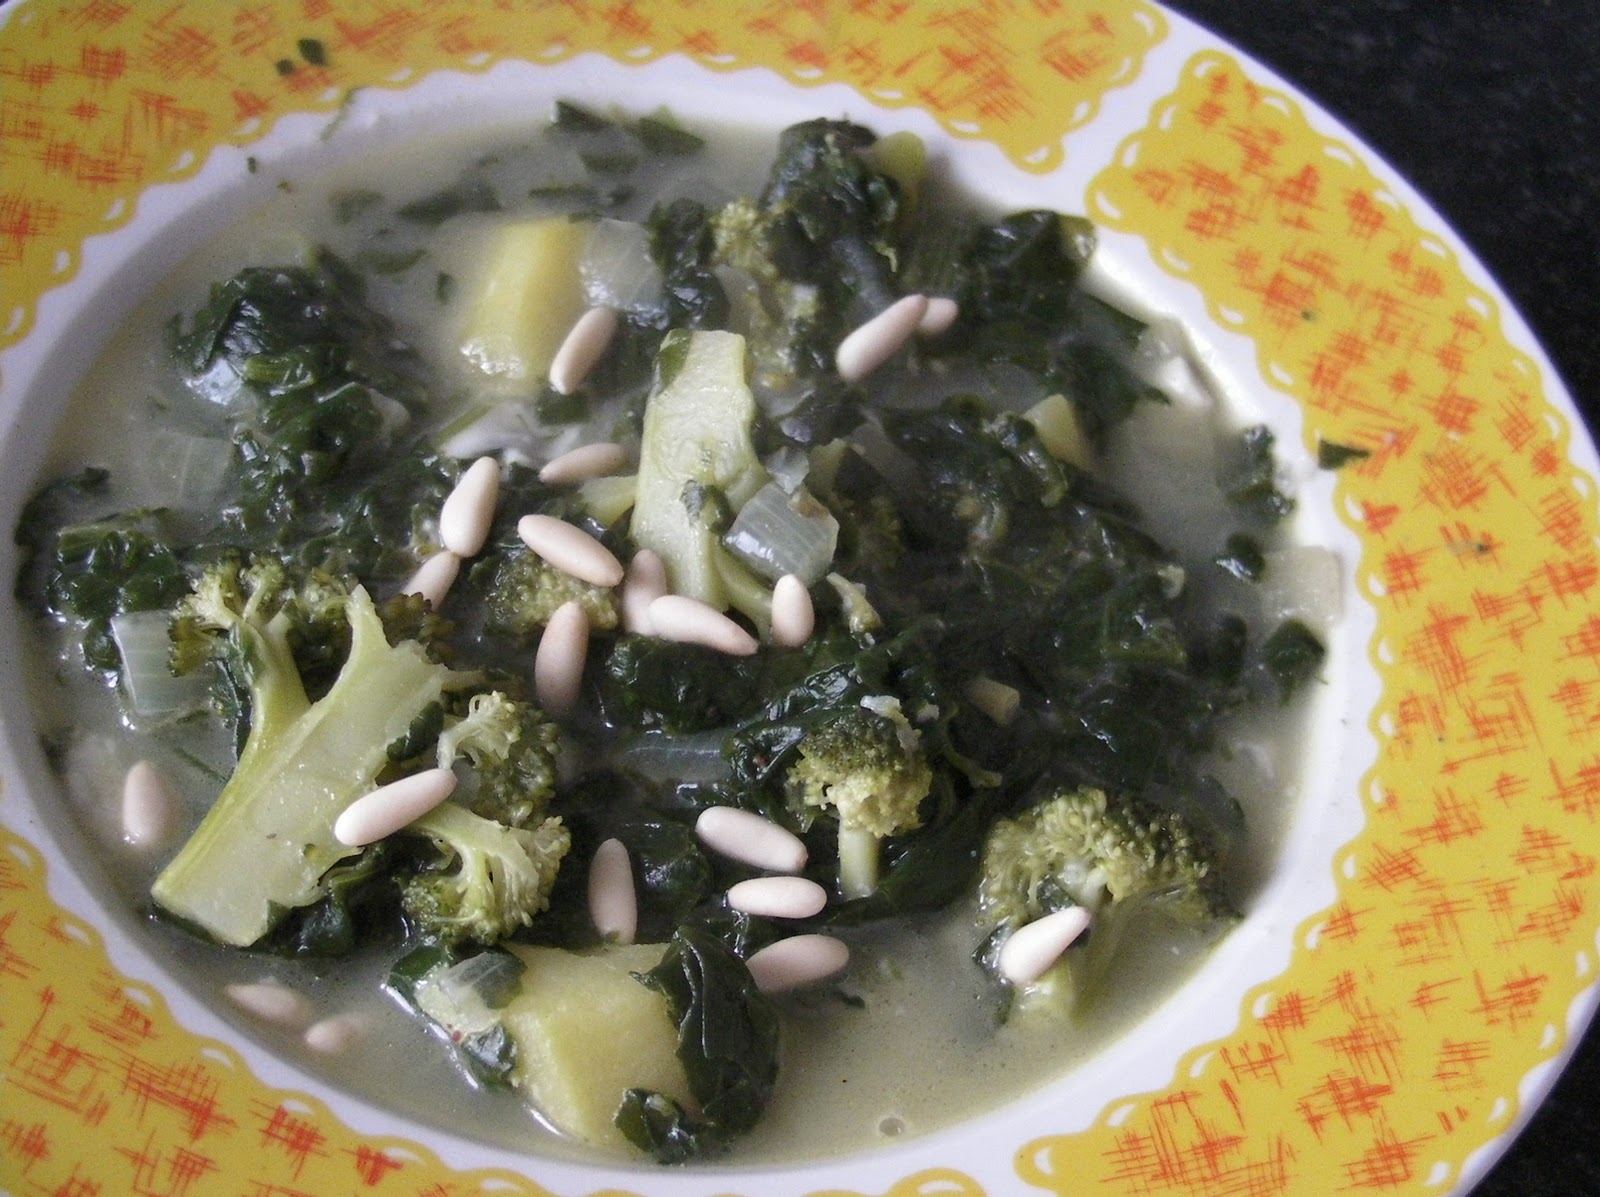 Sopa de brocoli y espinacas con queso gorgonzola y piñones